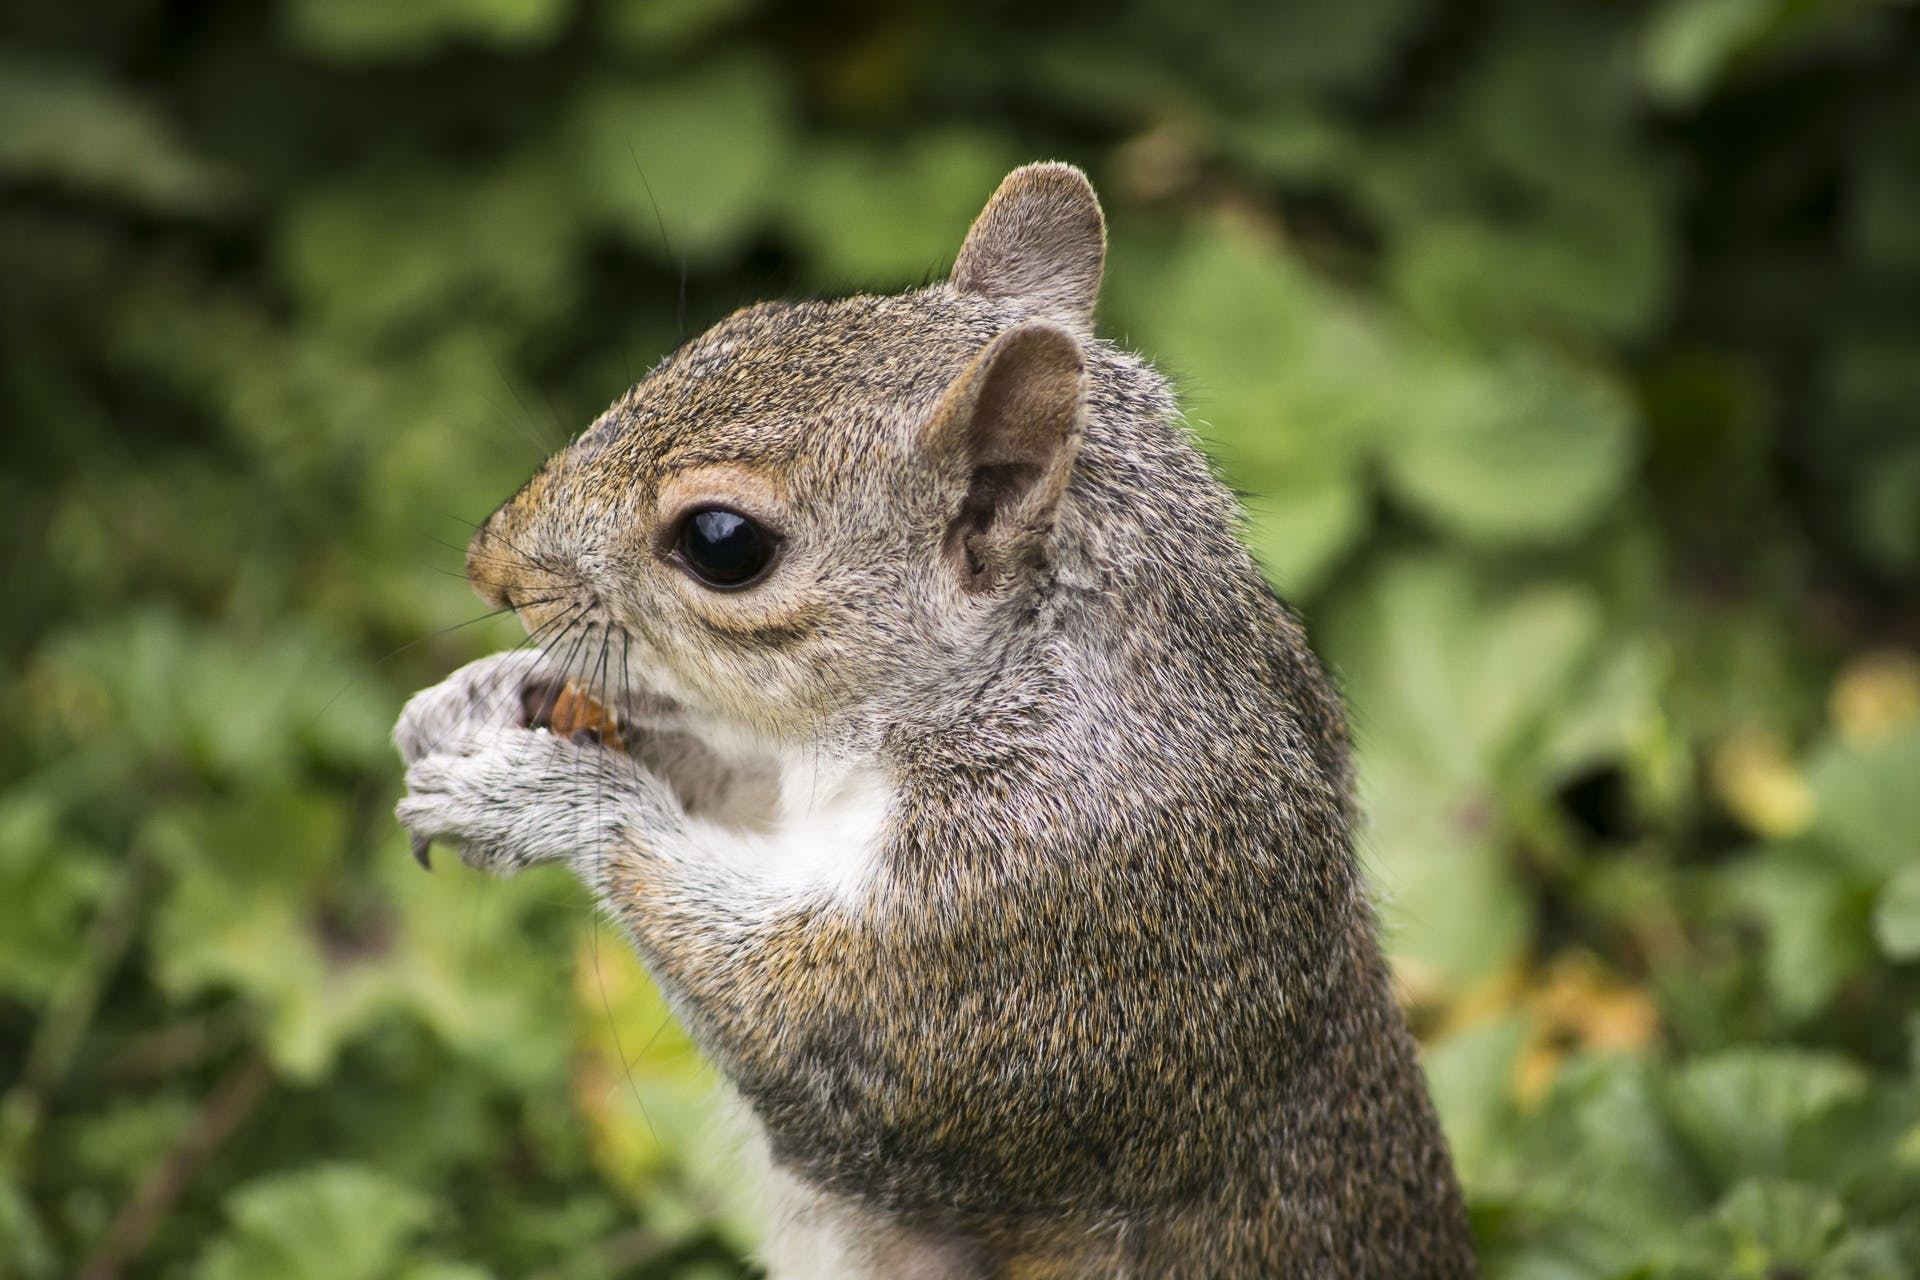 zu baum, boden, braun, eichhörnchen